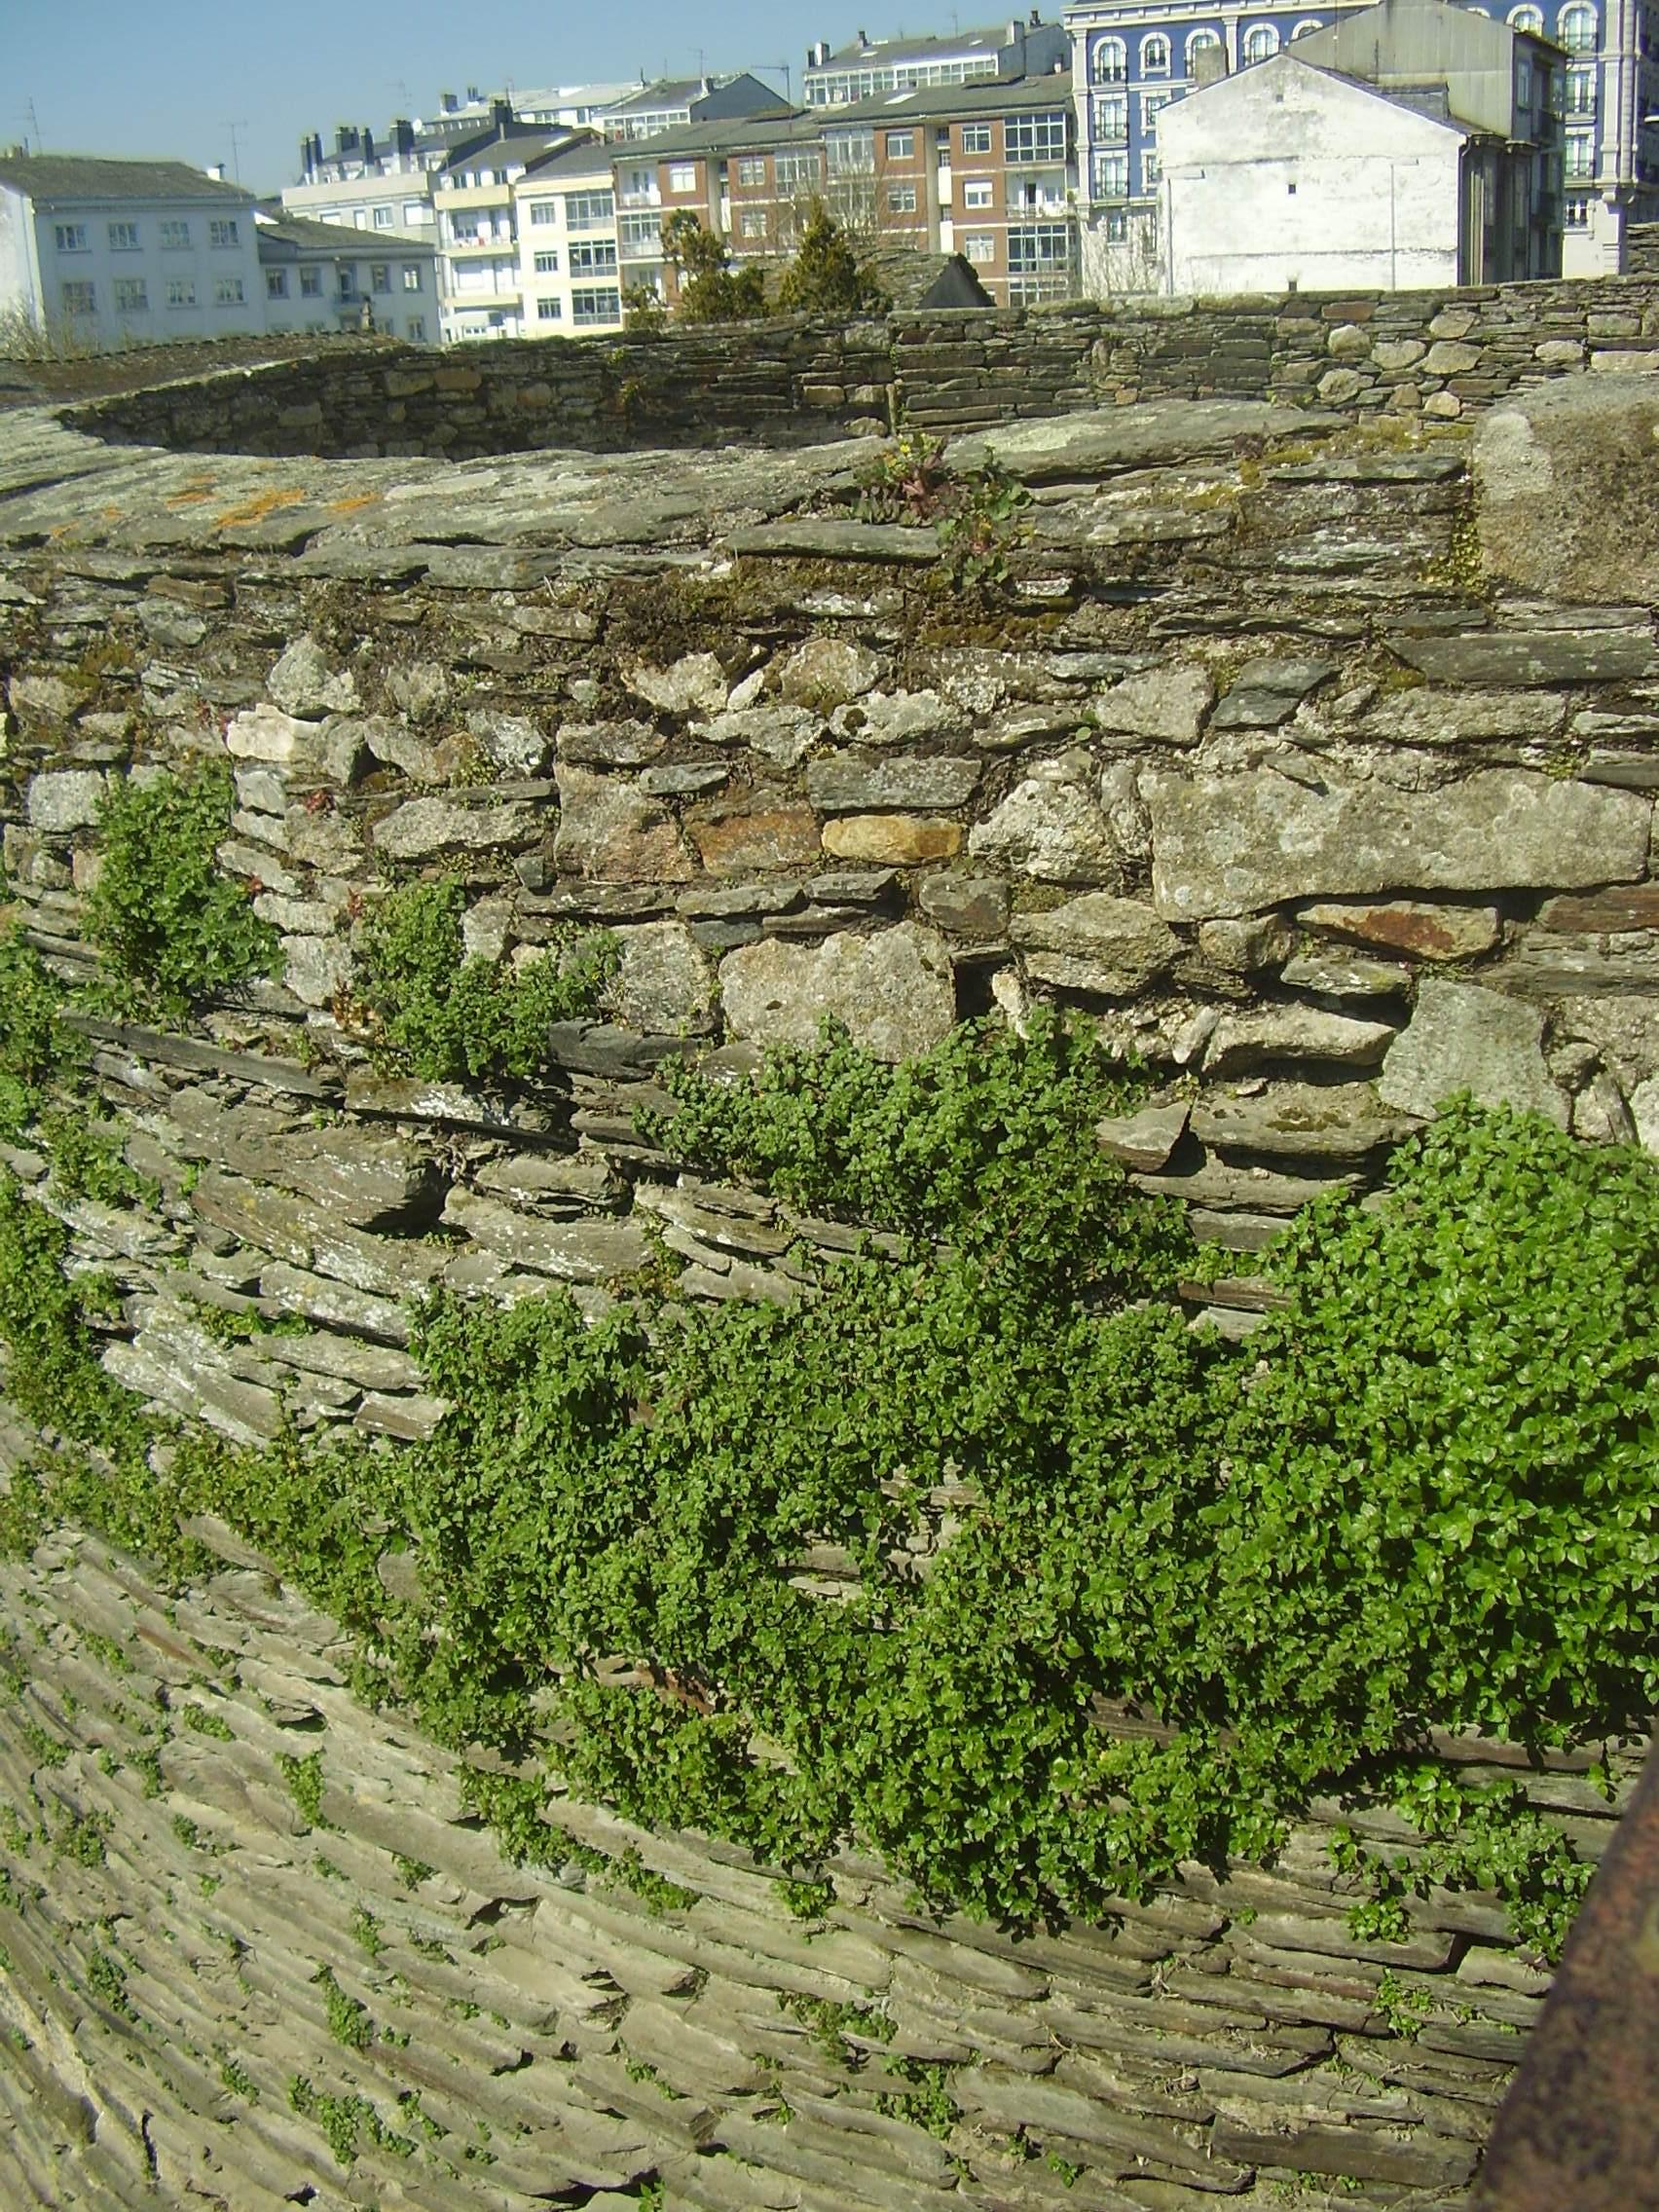 hierbas-muralla-lugo-003